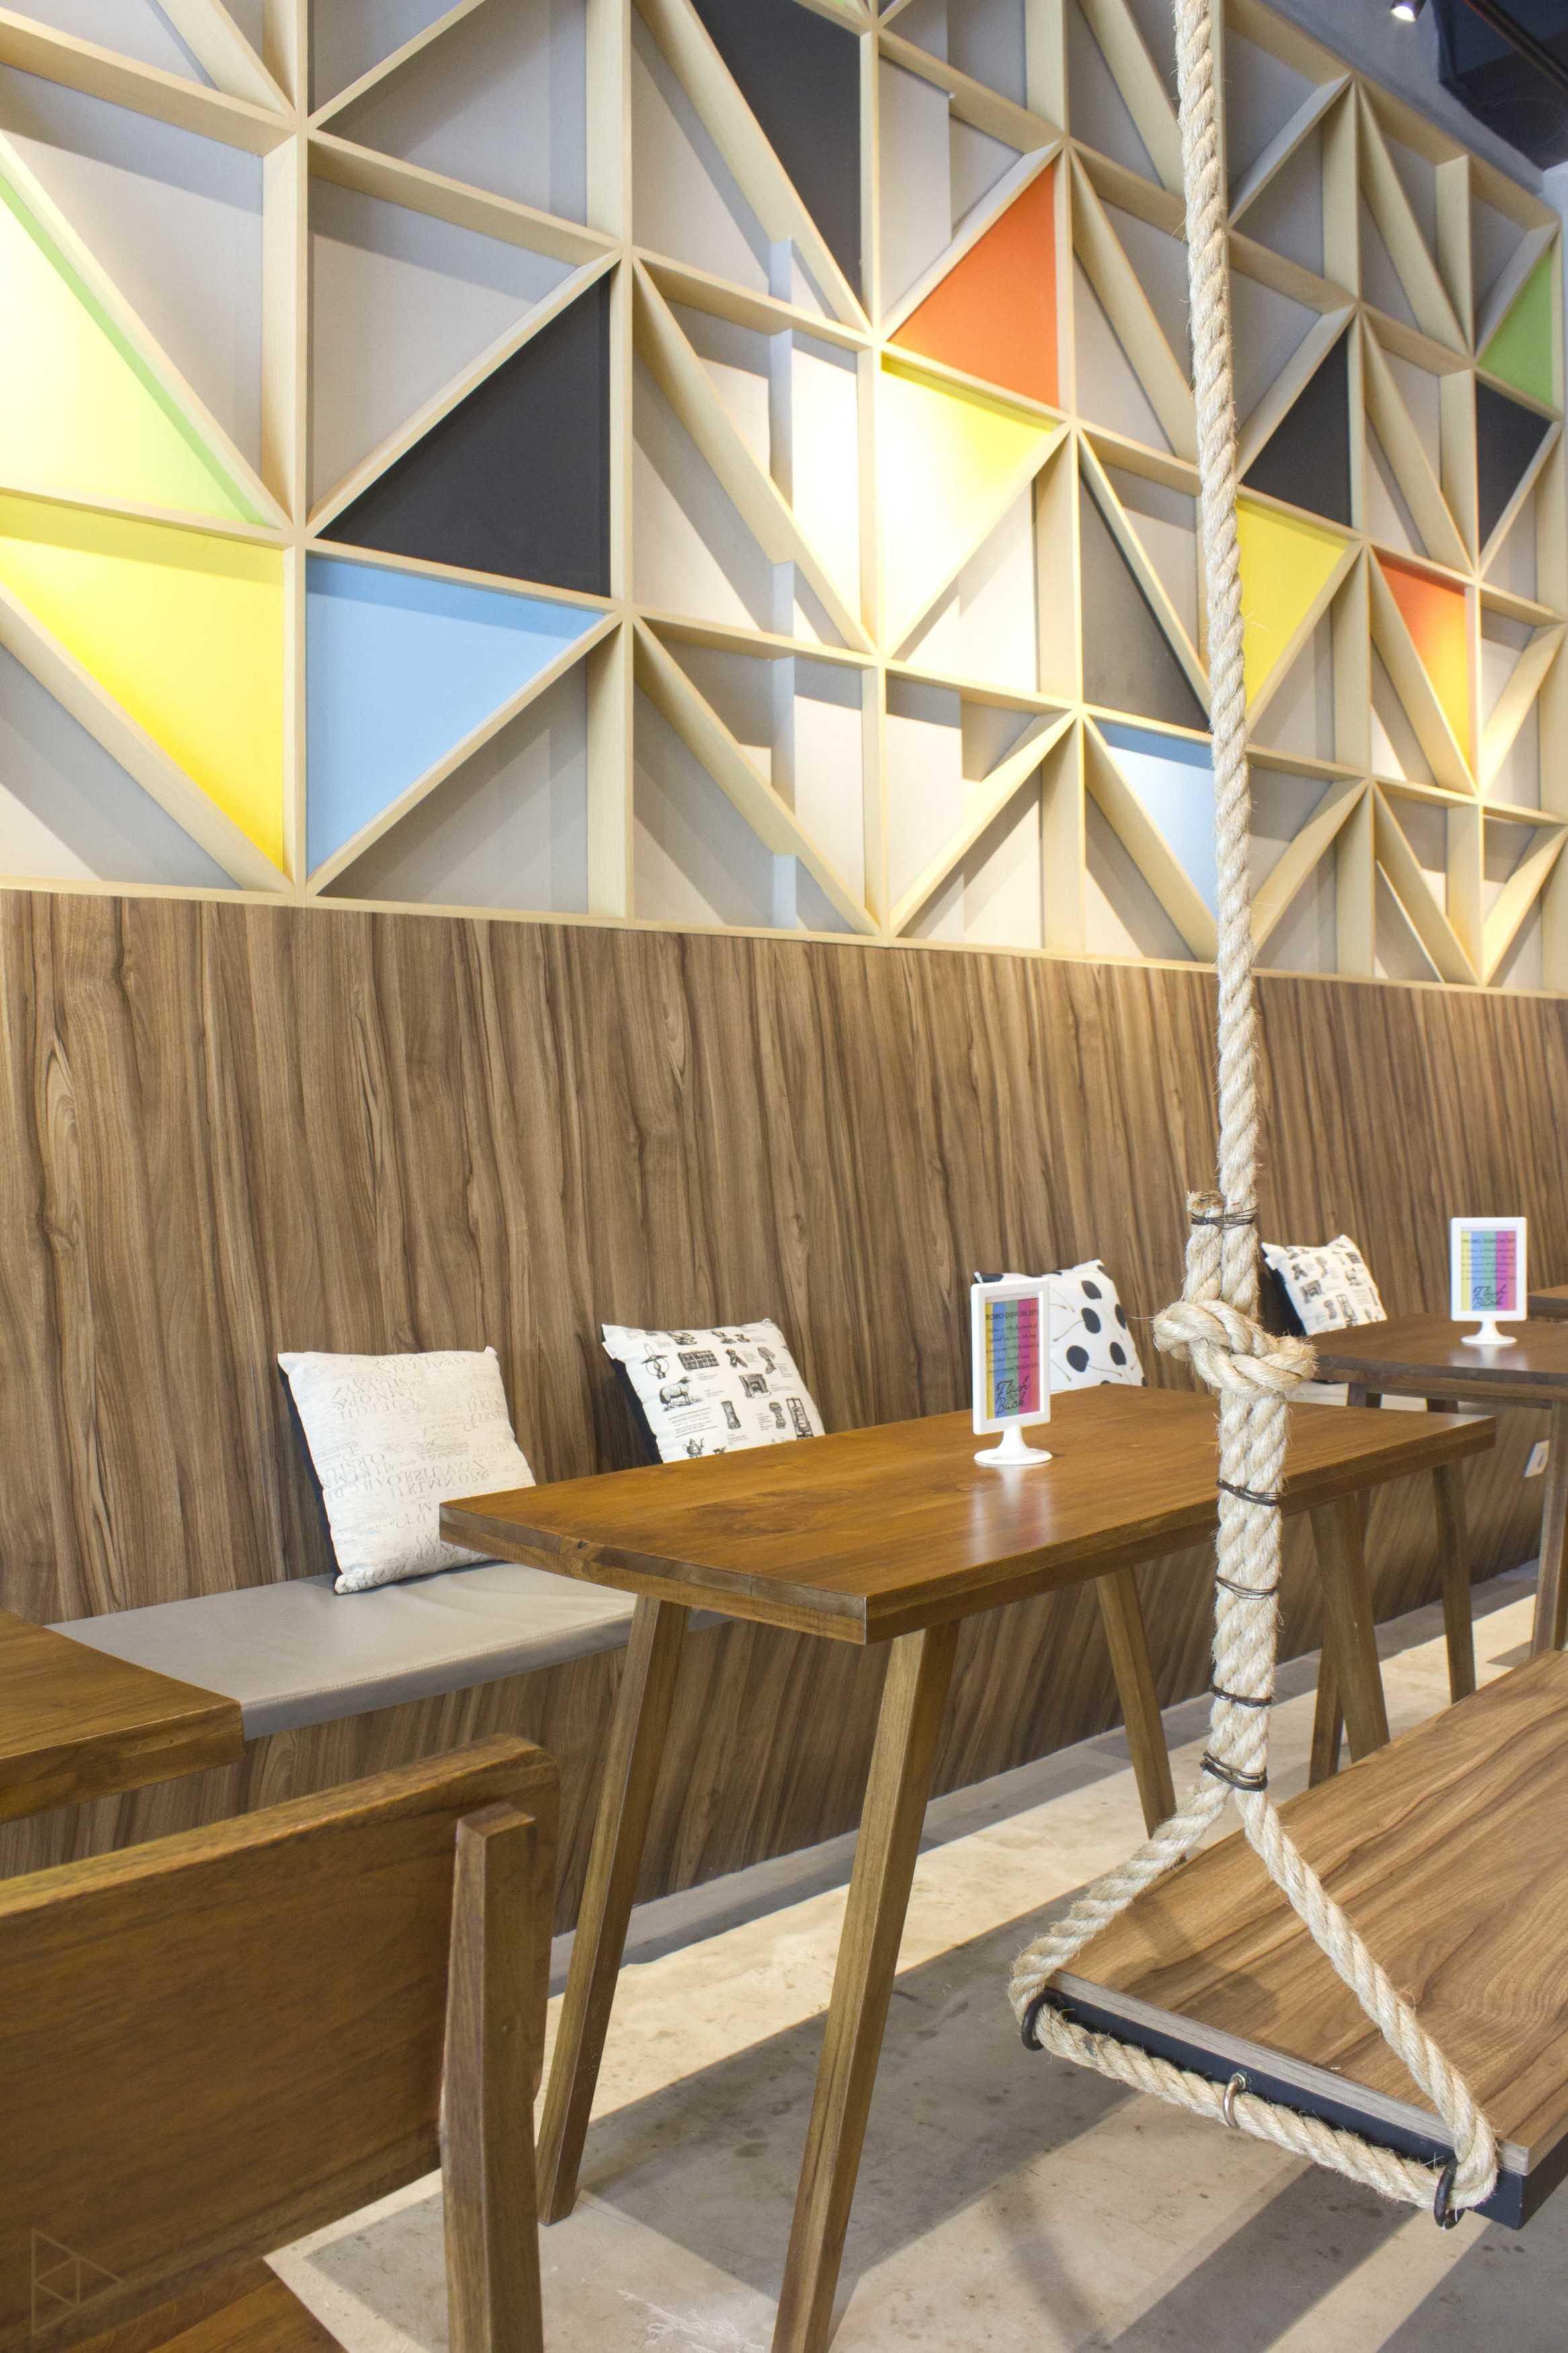 Ties Design & Build 90'S Flazback Cafe Klp. Indah, Kec. Tangerang, Kota Tangerang, Banten, Indonesia Klp. Indah, Kec. Tangerang, Kota Tangerang, Banten, Indonesia Eating Area   68650